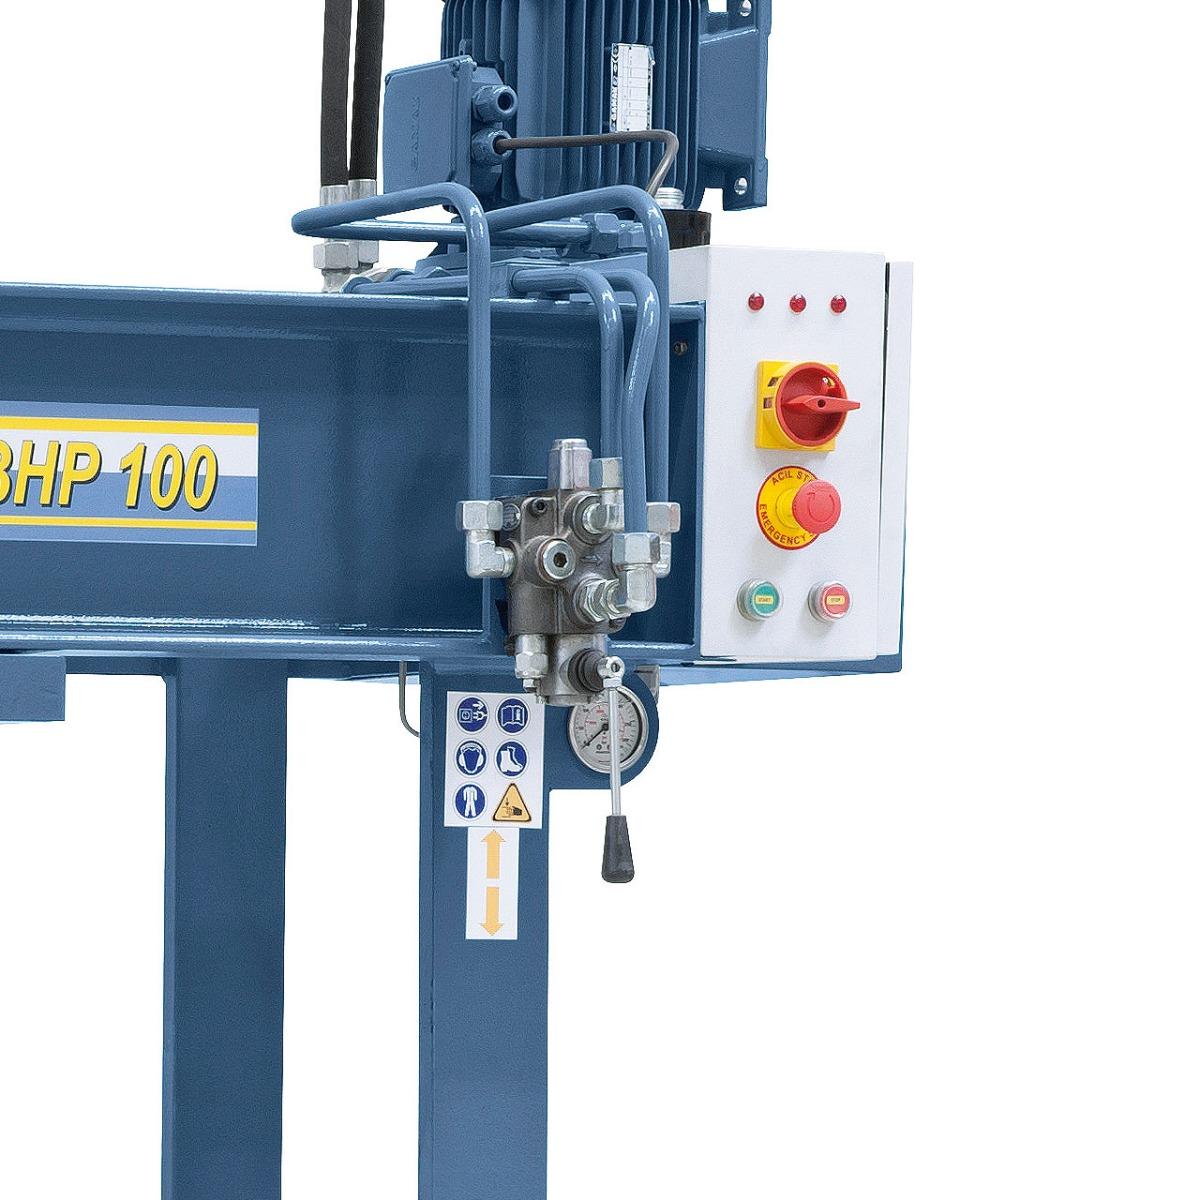 Ein feinfühliges Zustellen und Stoppen des Kolbens wird mittels Spezialhebel gewährleistet.